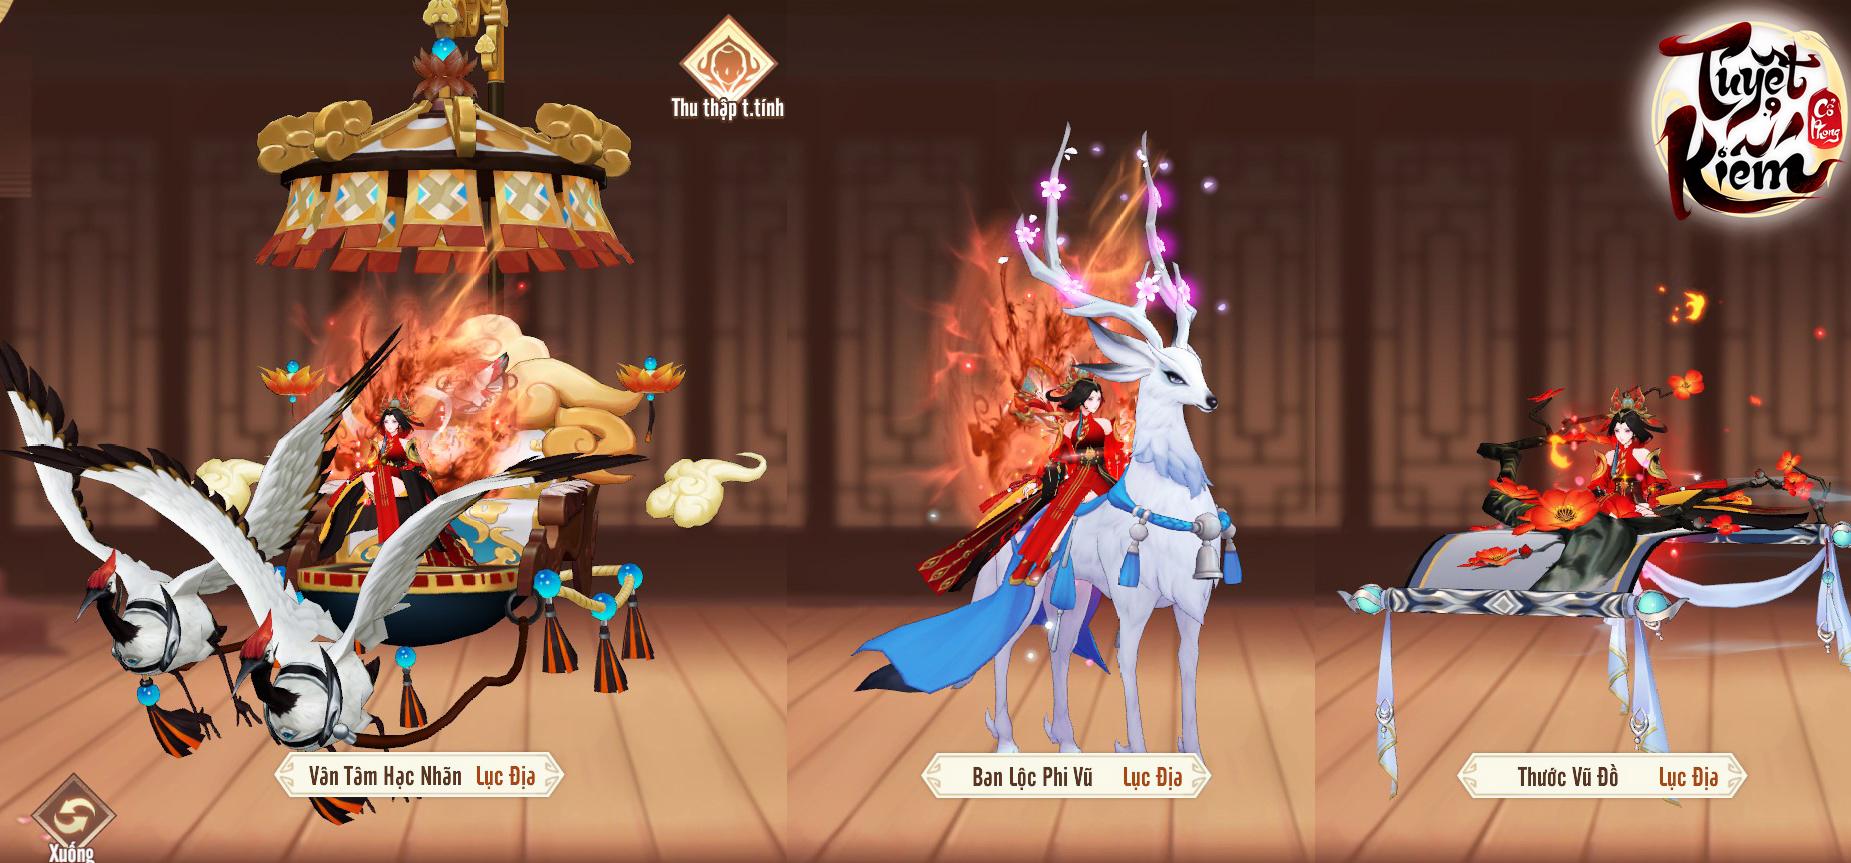 Choáng với kho tọa kỵ, pet đồng hành của Tuyệt Kiếm Cổ Phong: 6 cấp tiến hóa, biến đổi ngoại hình cực xịn sò - Ảnh 12.